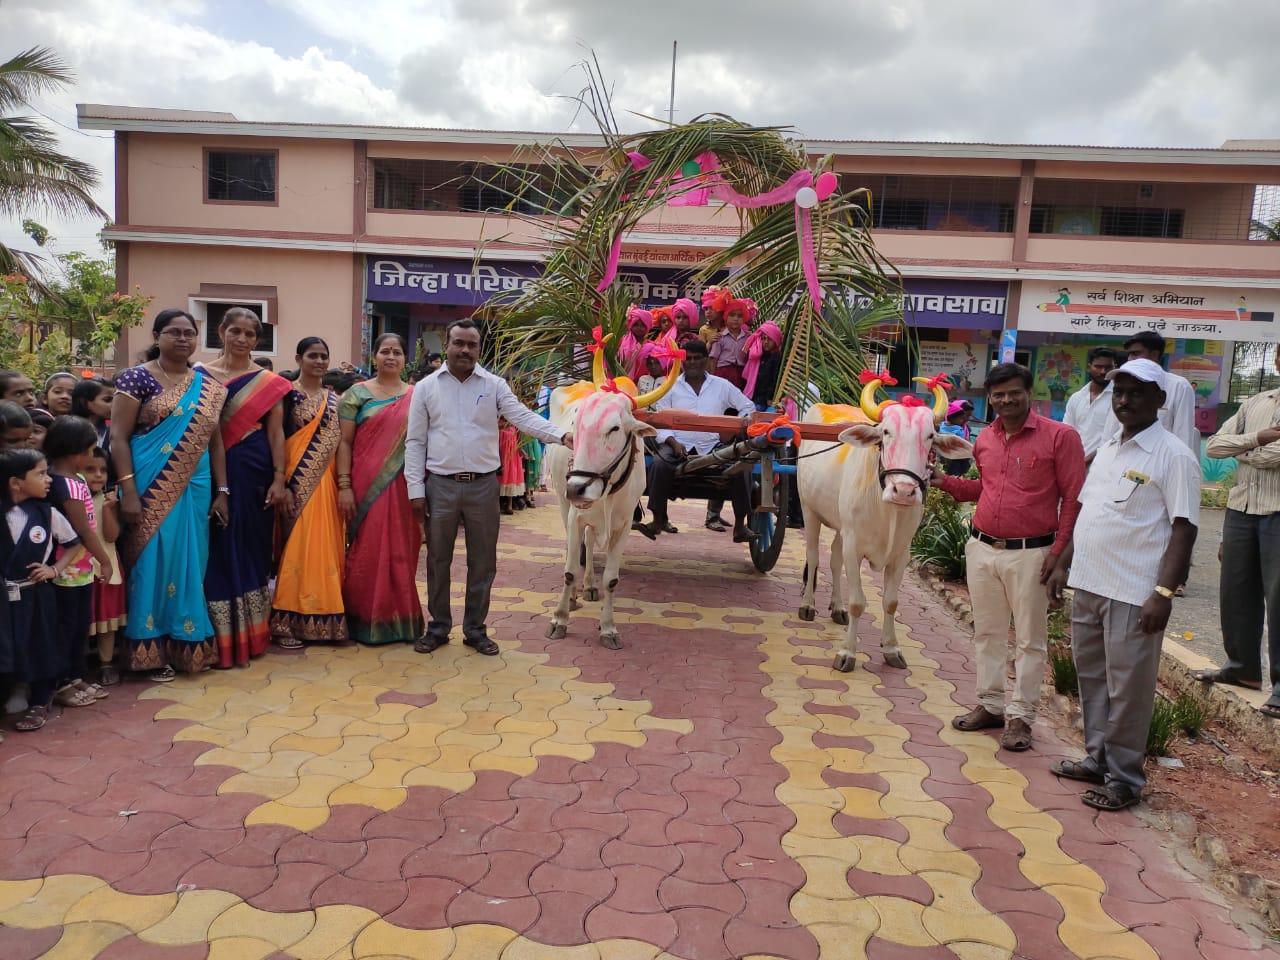 जिल्हा परिषद प्राथमिक शाळा निमगाव सावा शाळेने पारंपारिक पद्धतीने केले नवागतांचे स्वागत